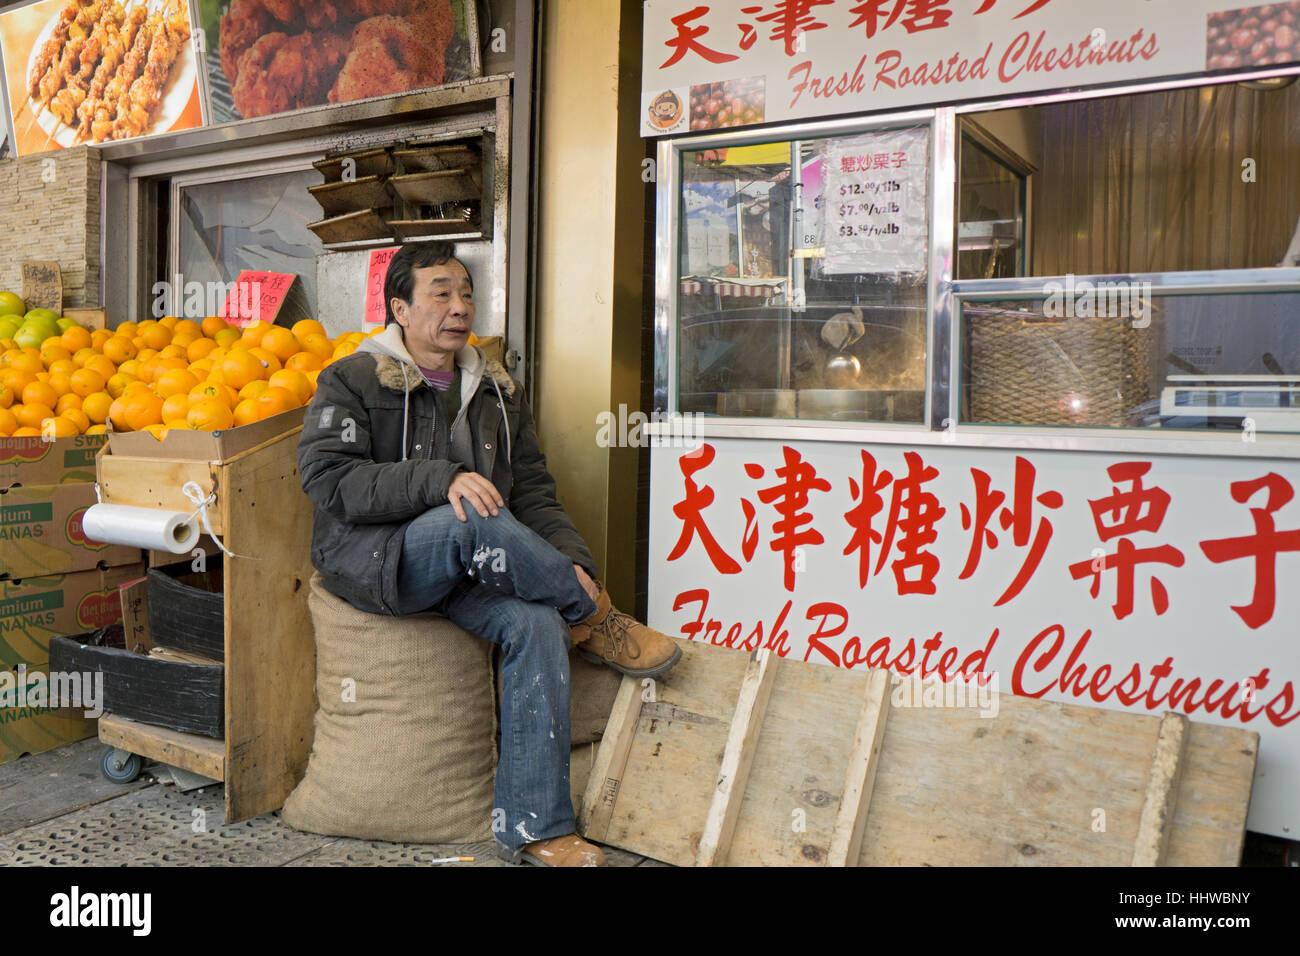 Ein chinesische amerikanische Arbeiter nimmt eine Arbeitspause in einer Seitenstraße in Chinatown, Downtown Stockbild